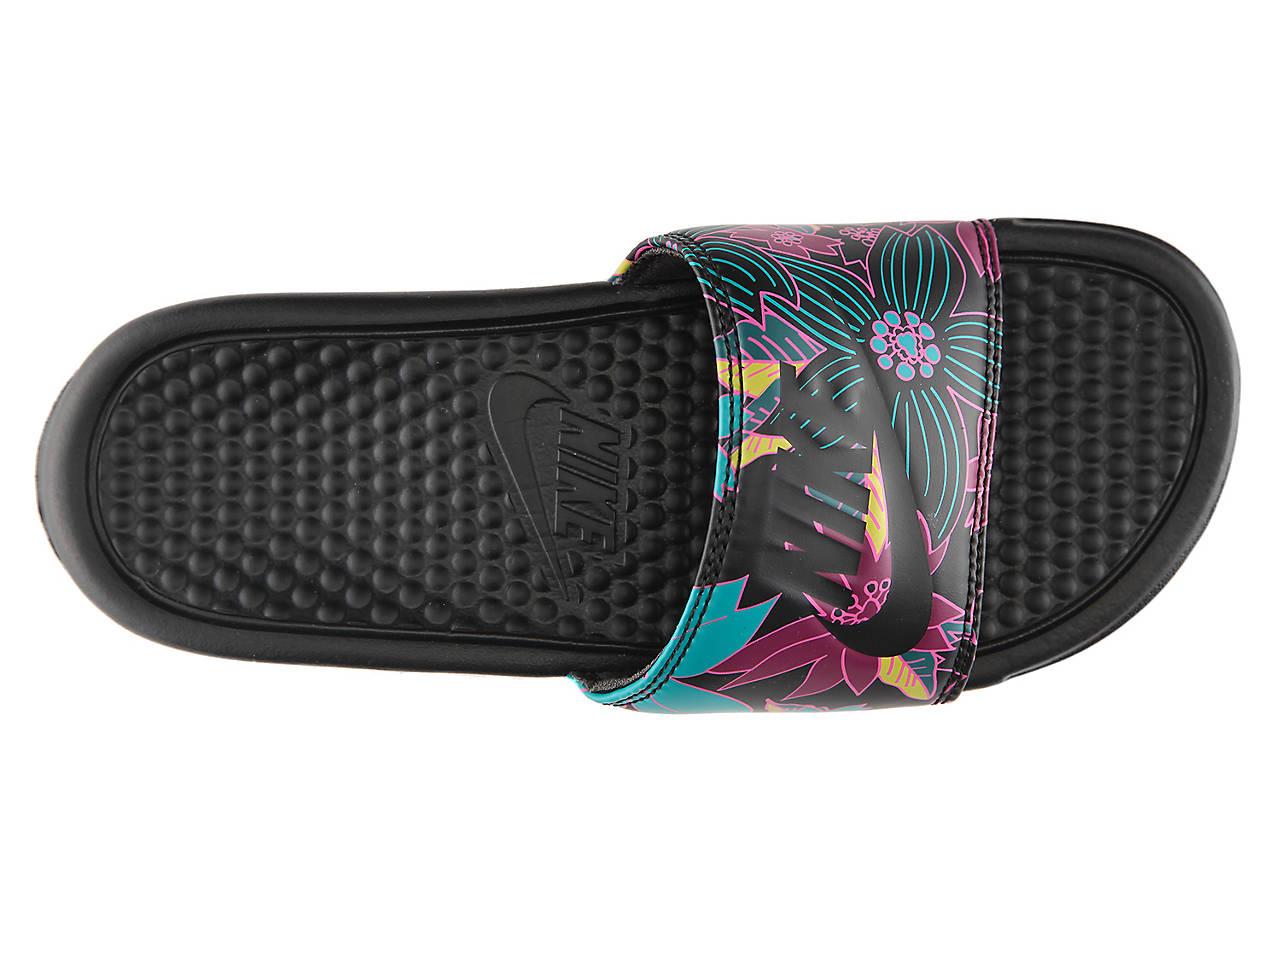 Nike Benassi Just Do It Slide Sandal - Women s Women s Shoes  2530cebed4fe